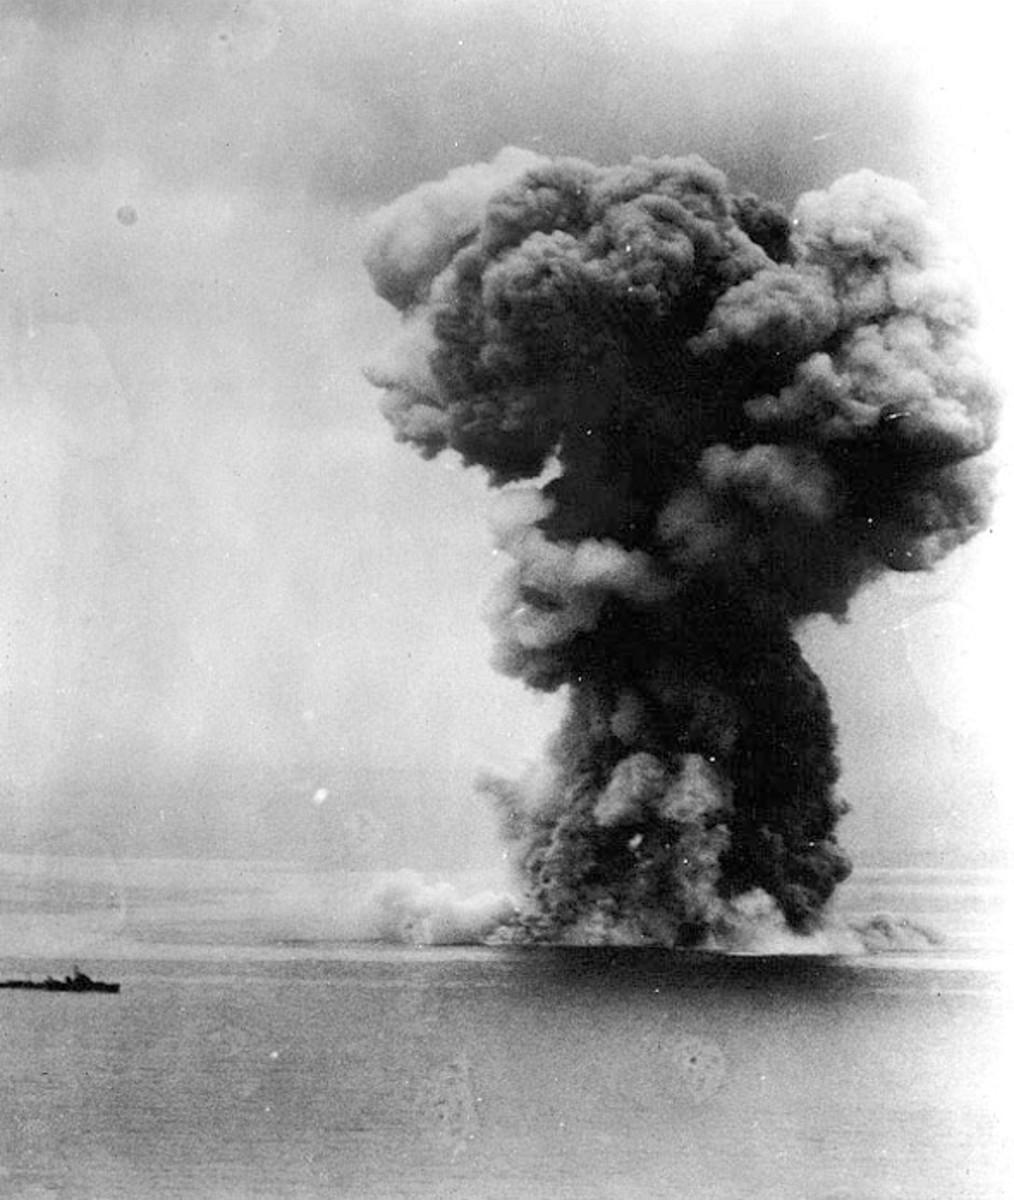 Yamato explosion